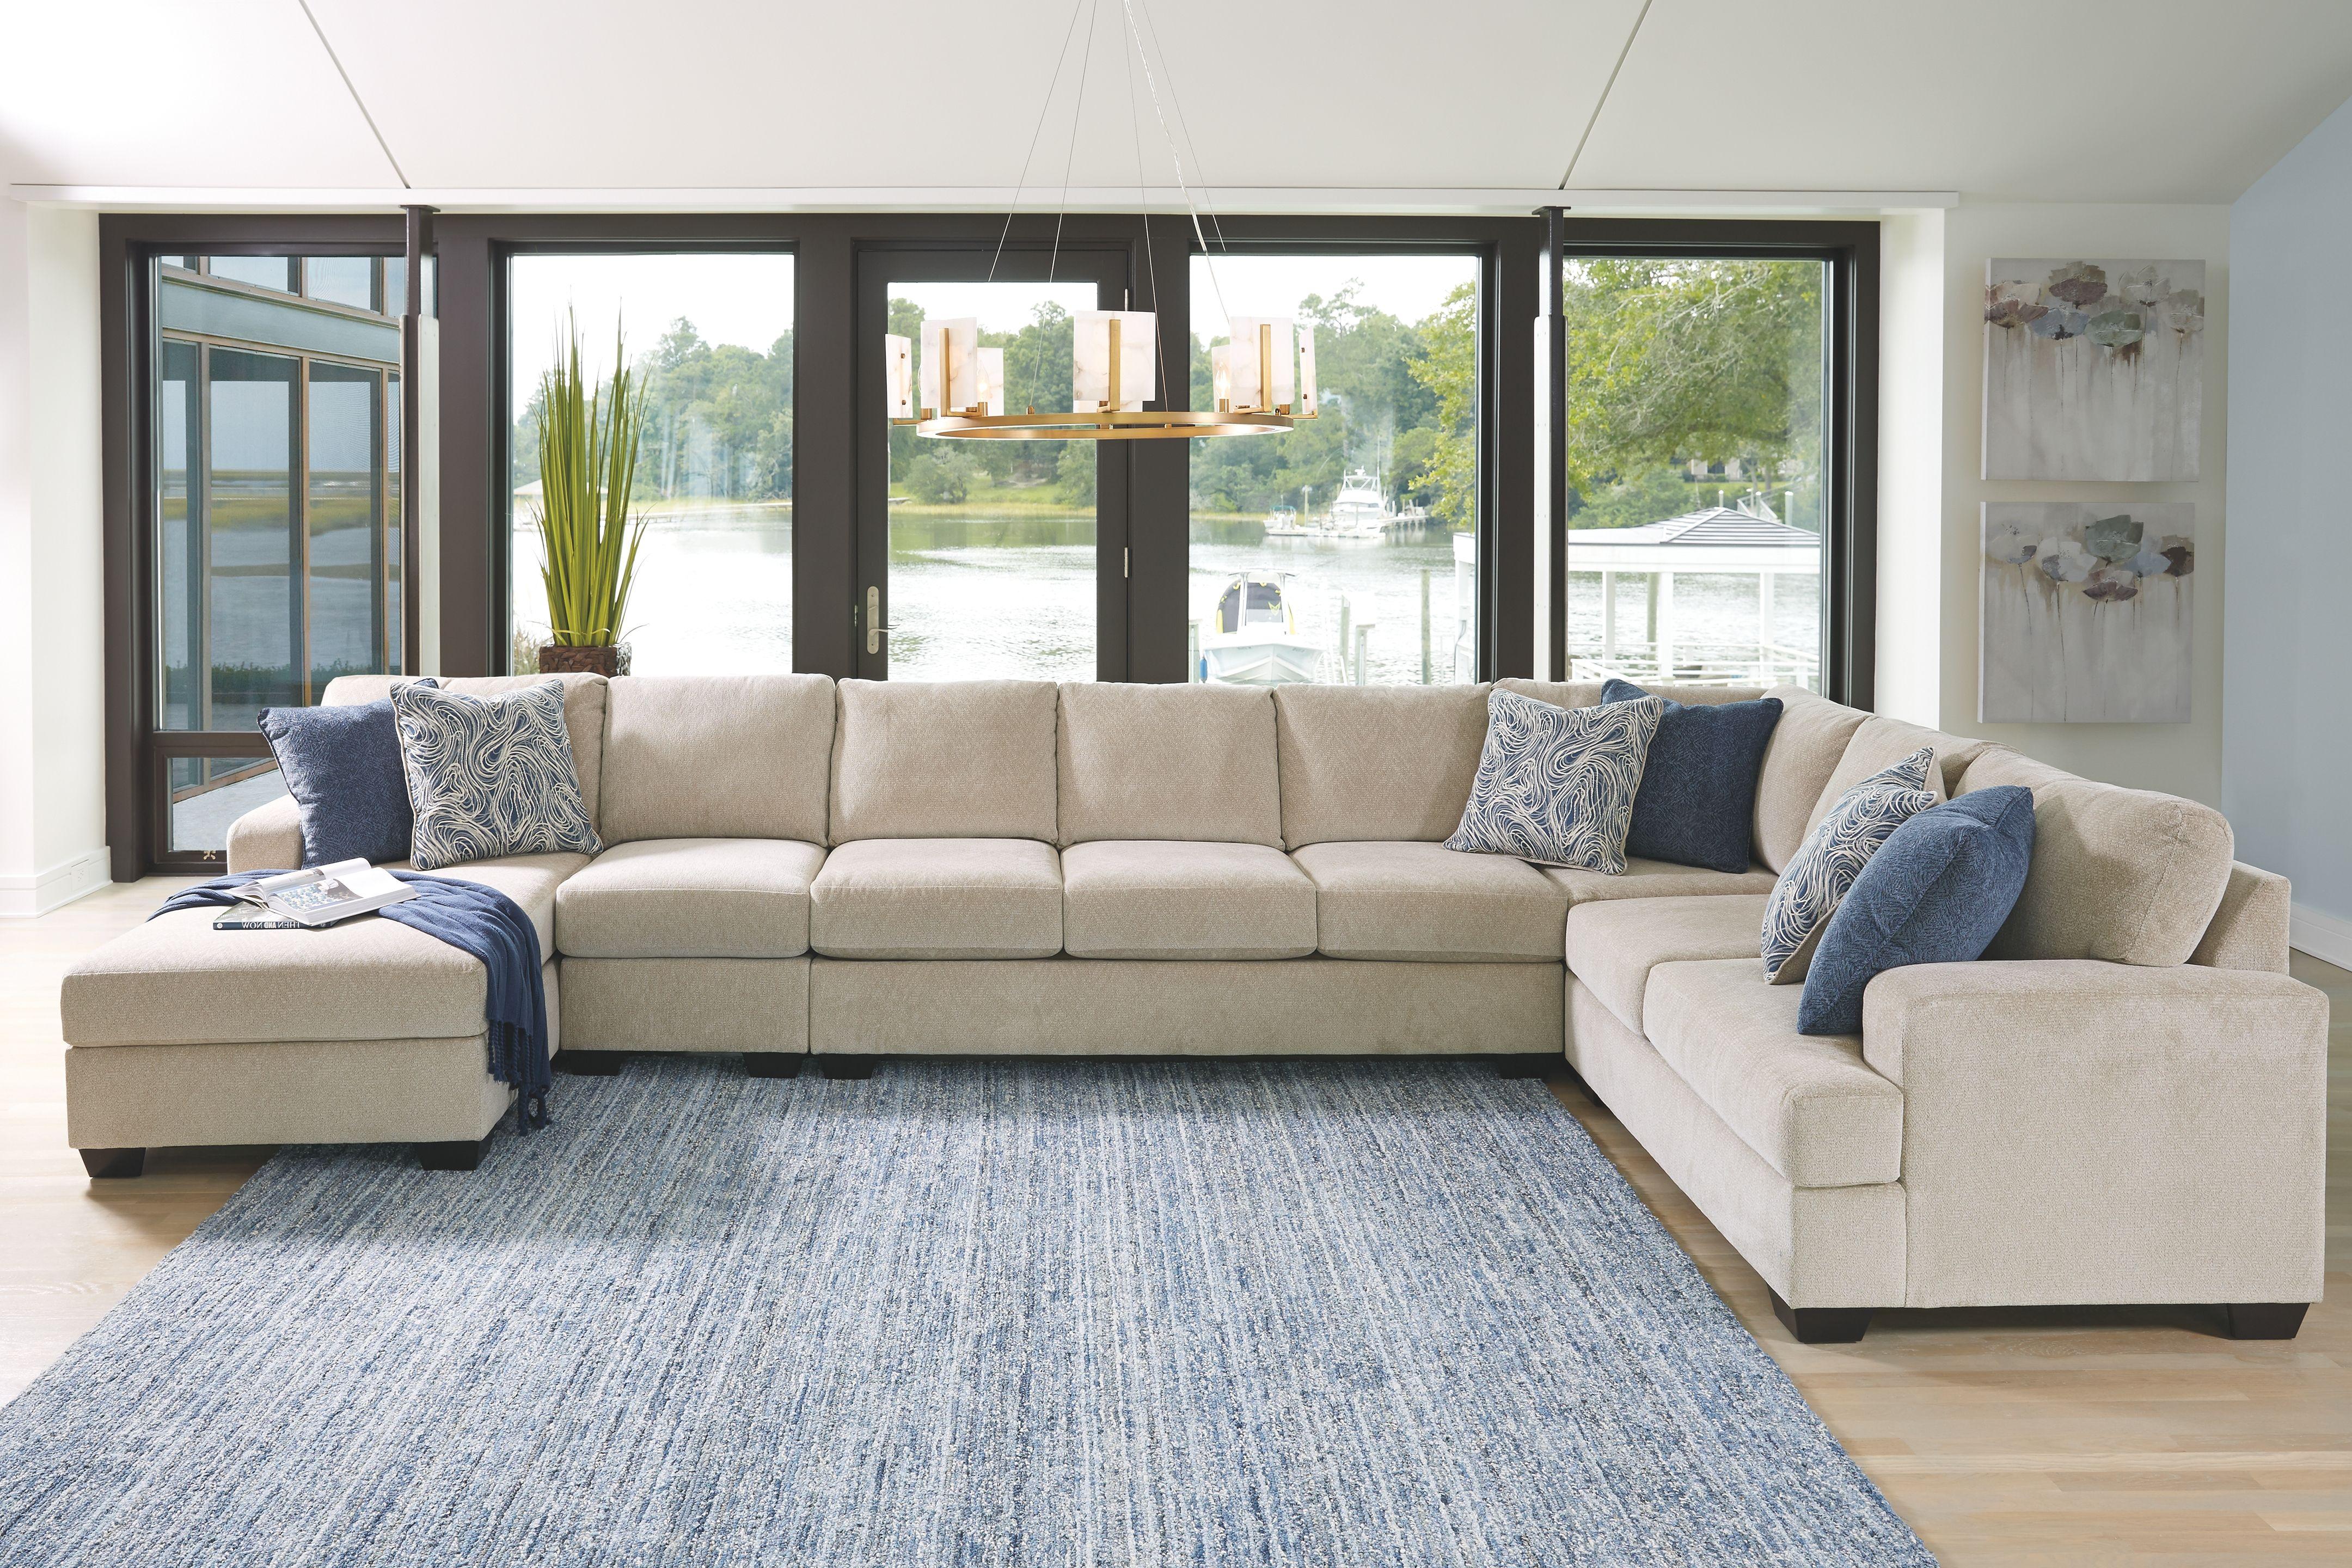 Enola 5-Piece Sectional, Sepia | Ashley furniture sofas ...